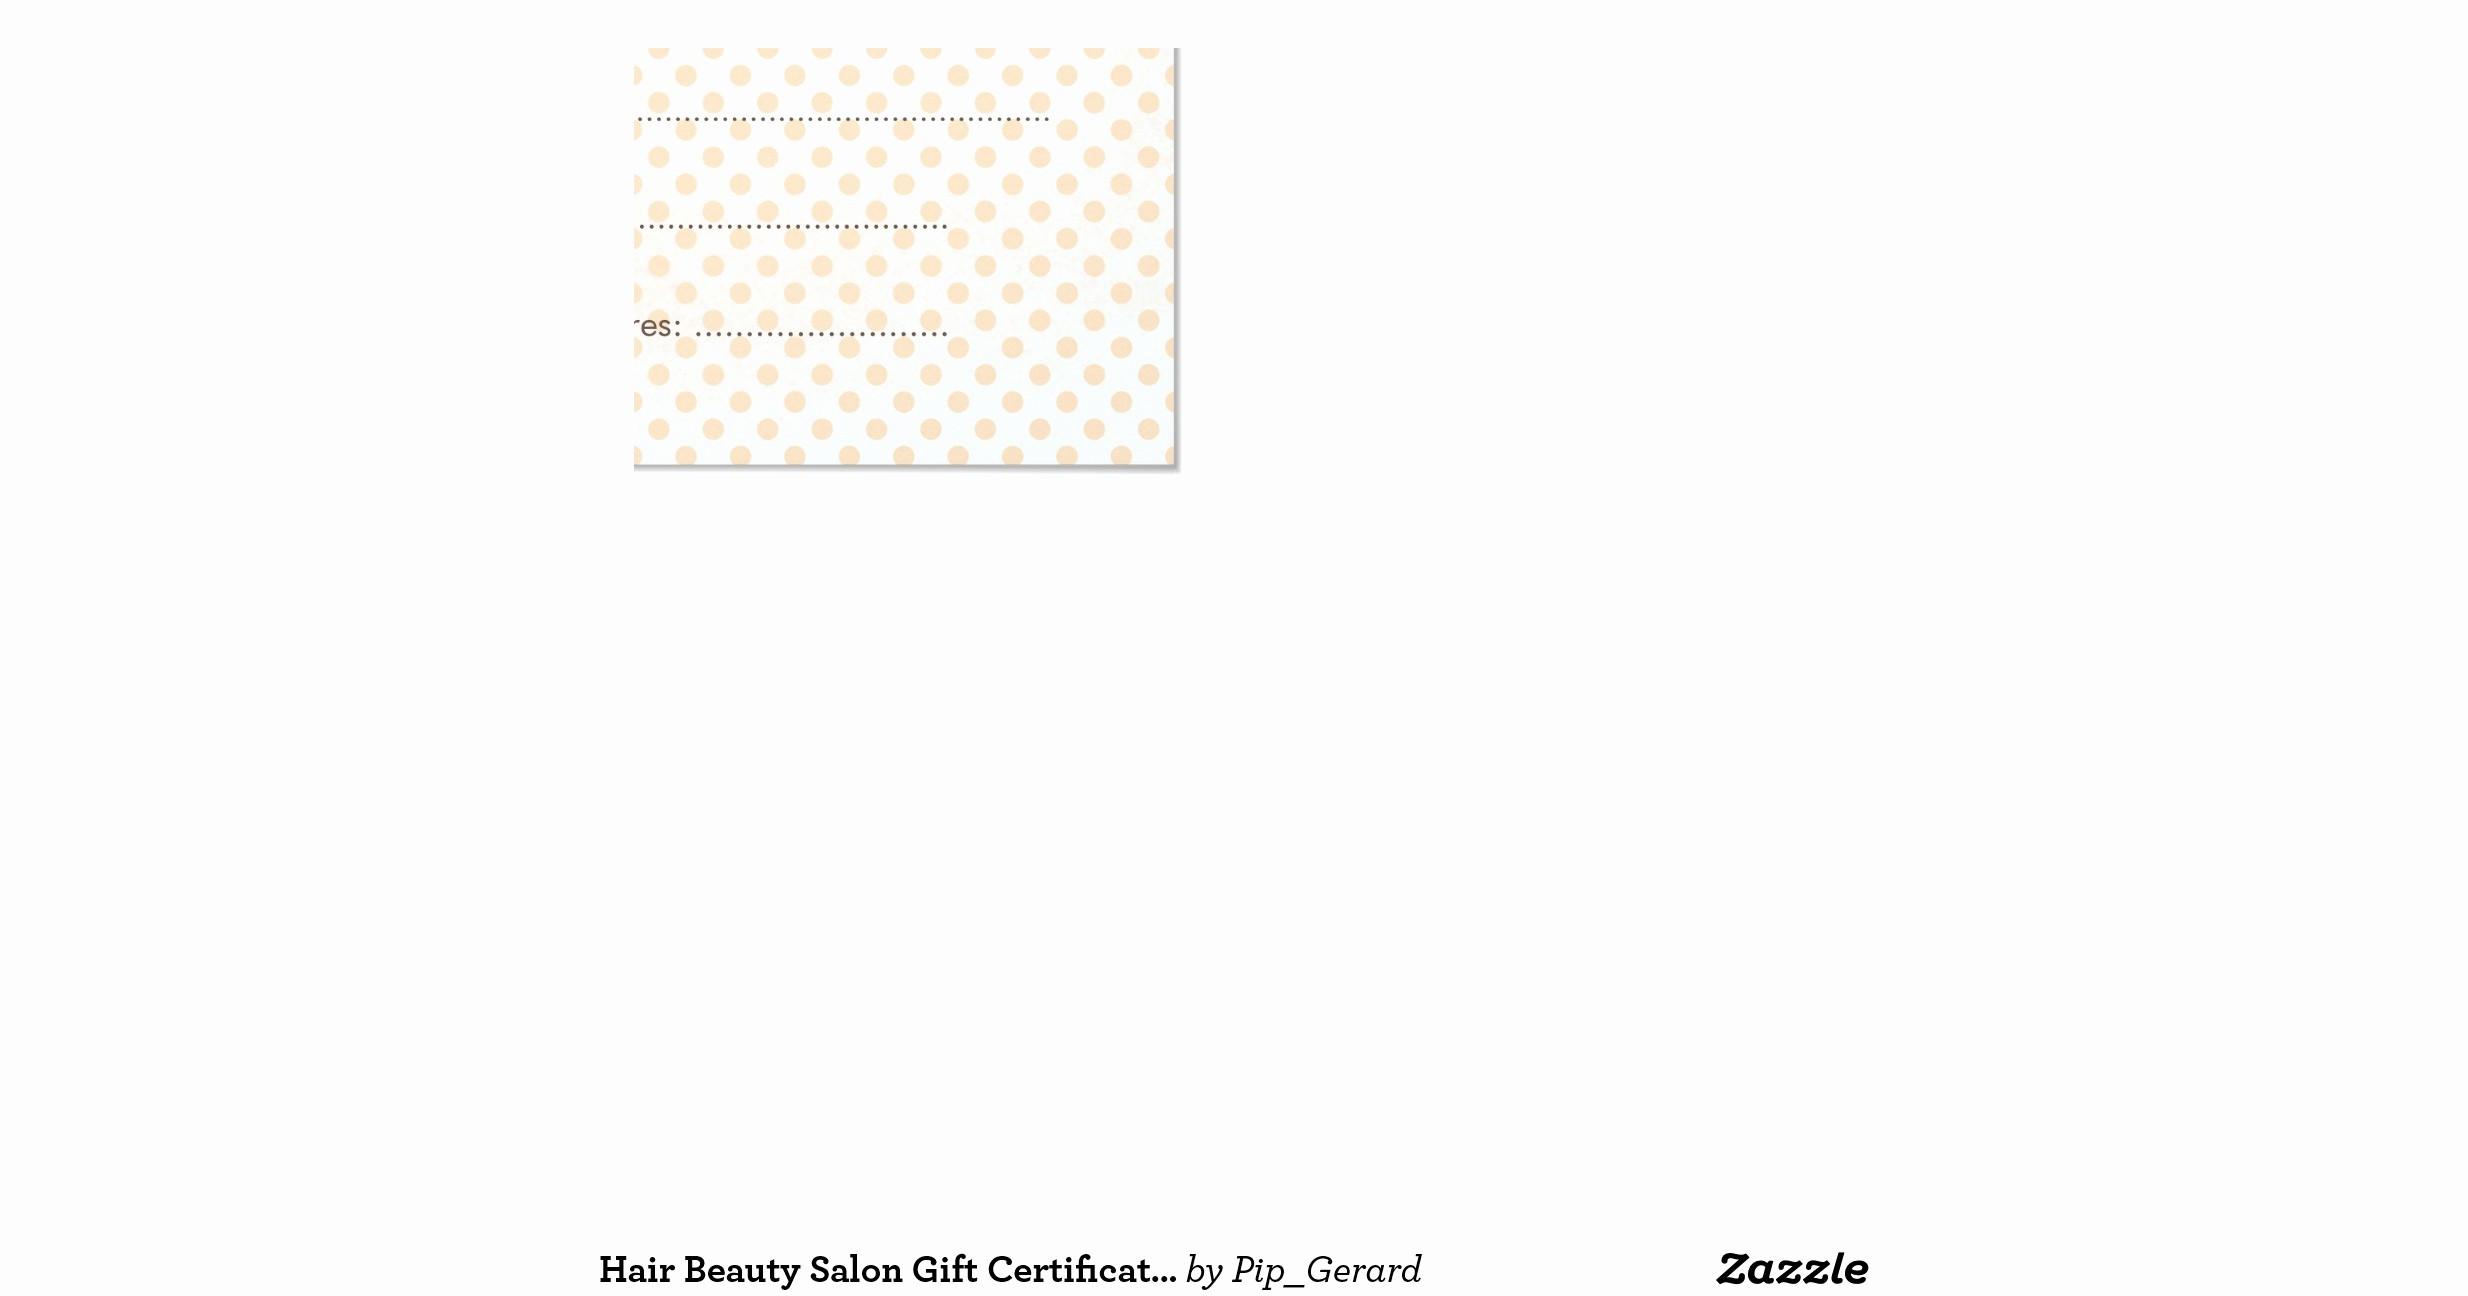 Hair Salon Gift Certificate Templates Lovely Hair Beauty Salon Gift Certificate Template 11 Cm X 14 Cm